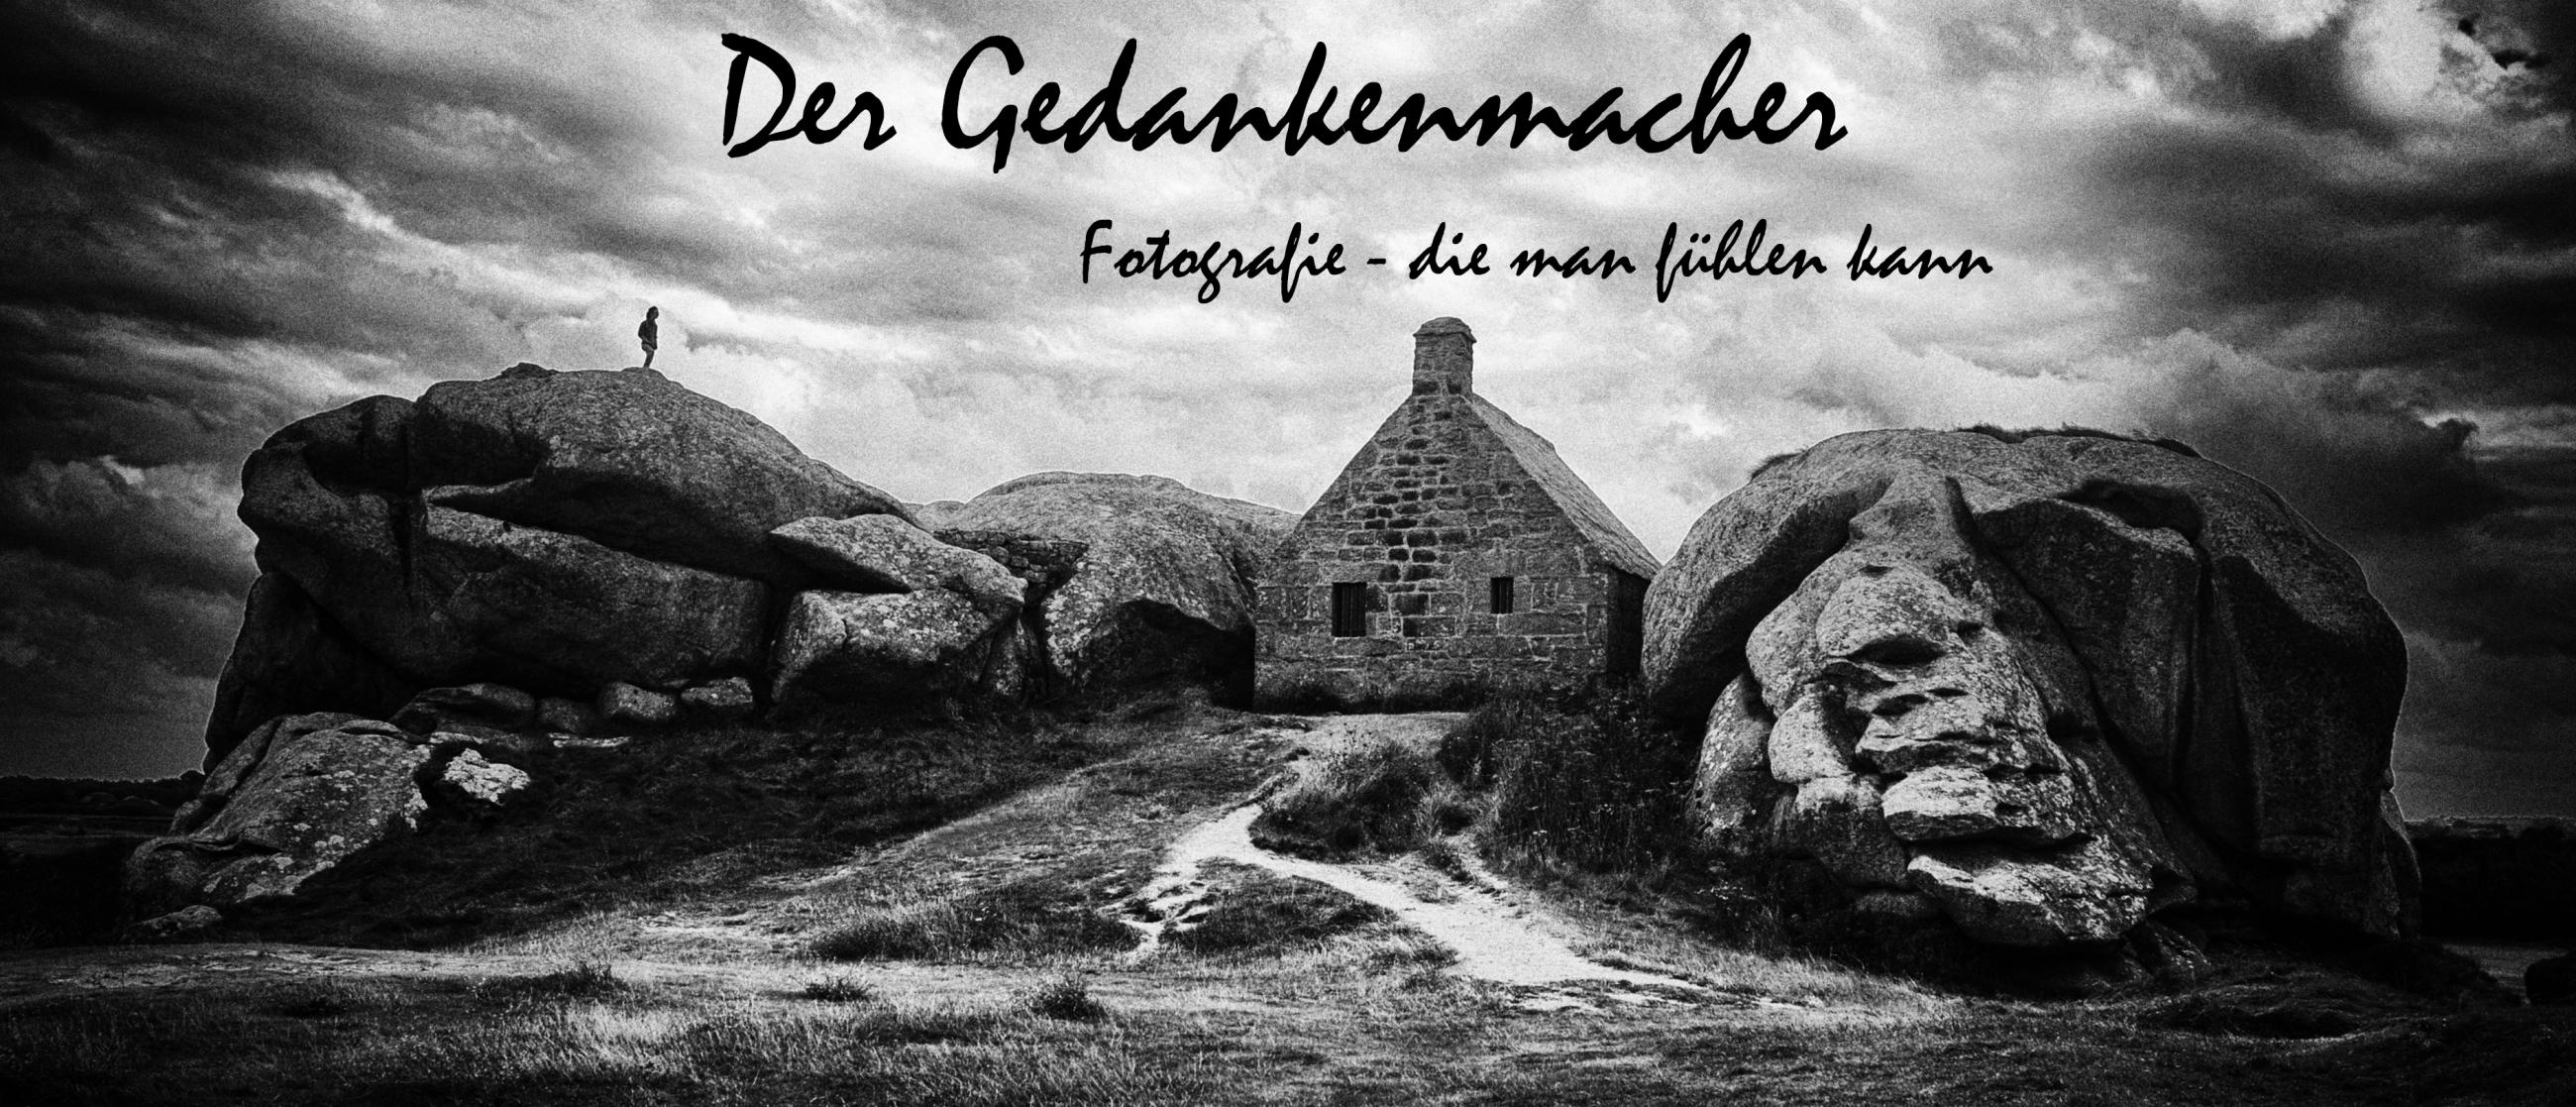 Der Gedankenmacher - Fotografie - die man fühlen kann